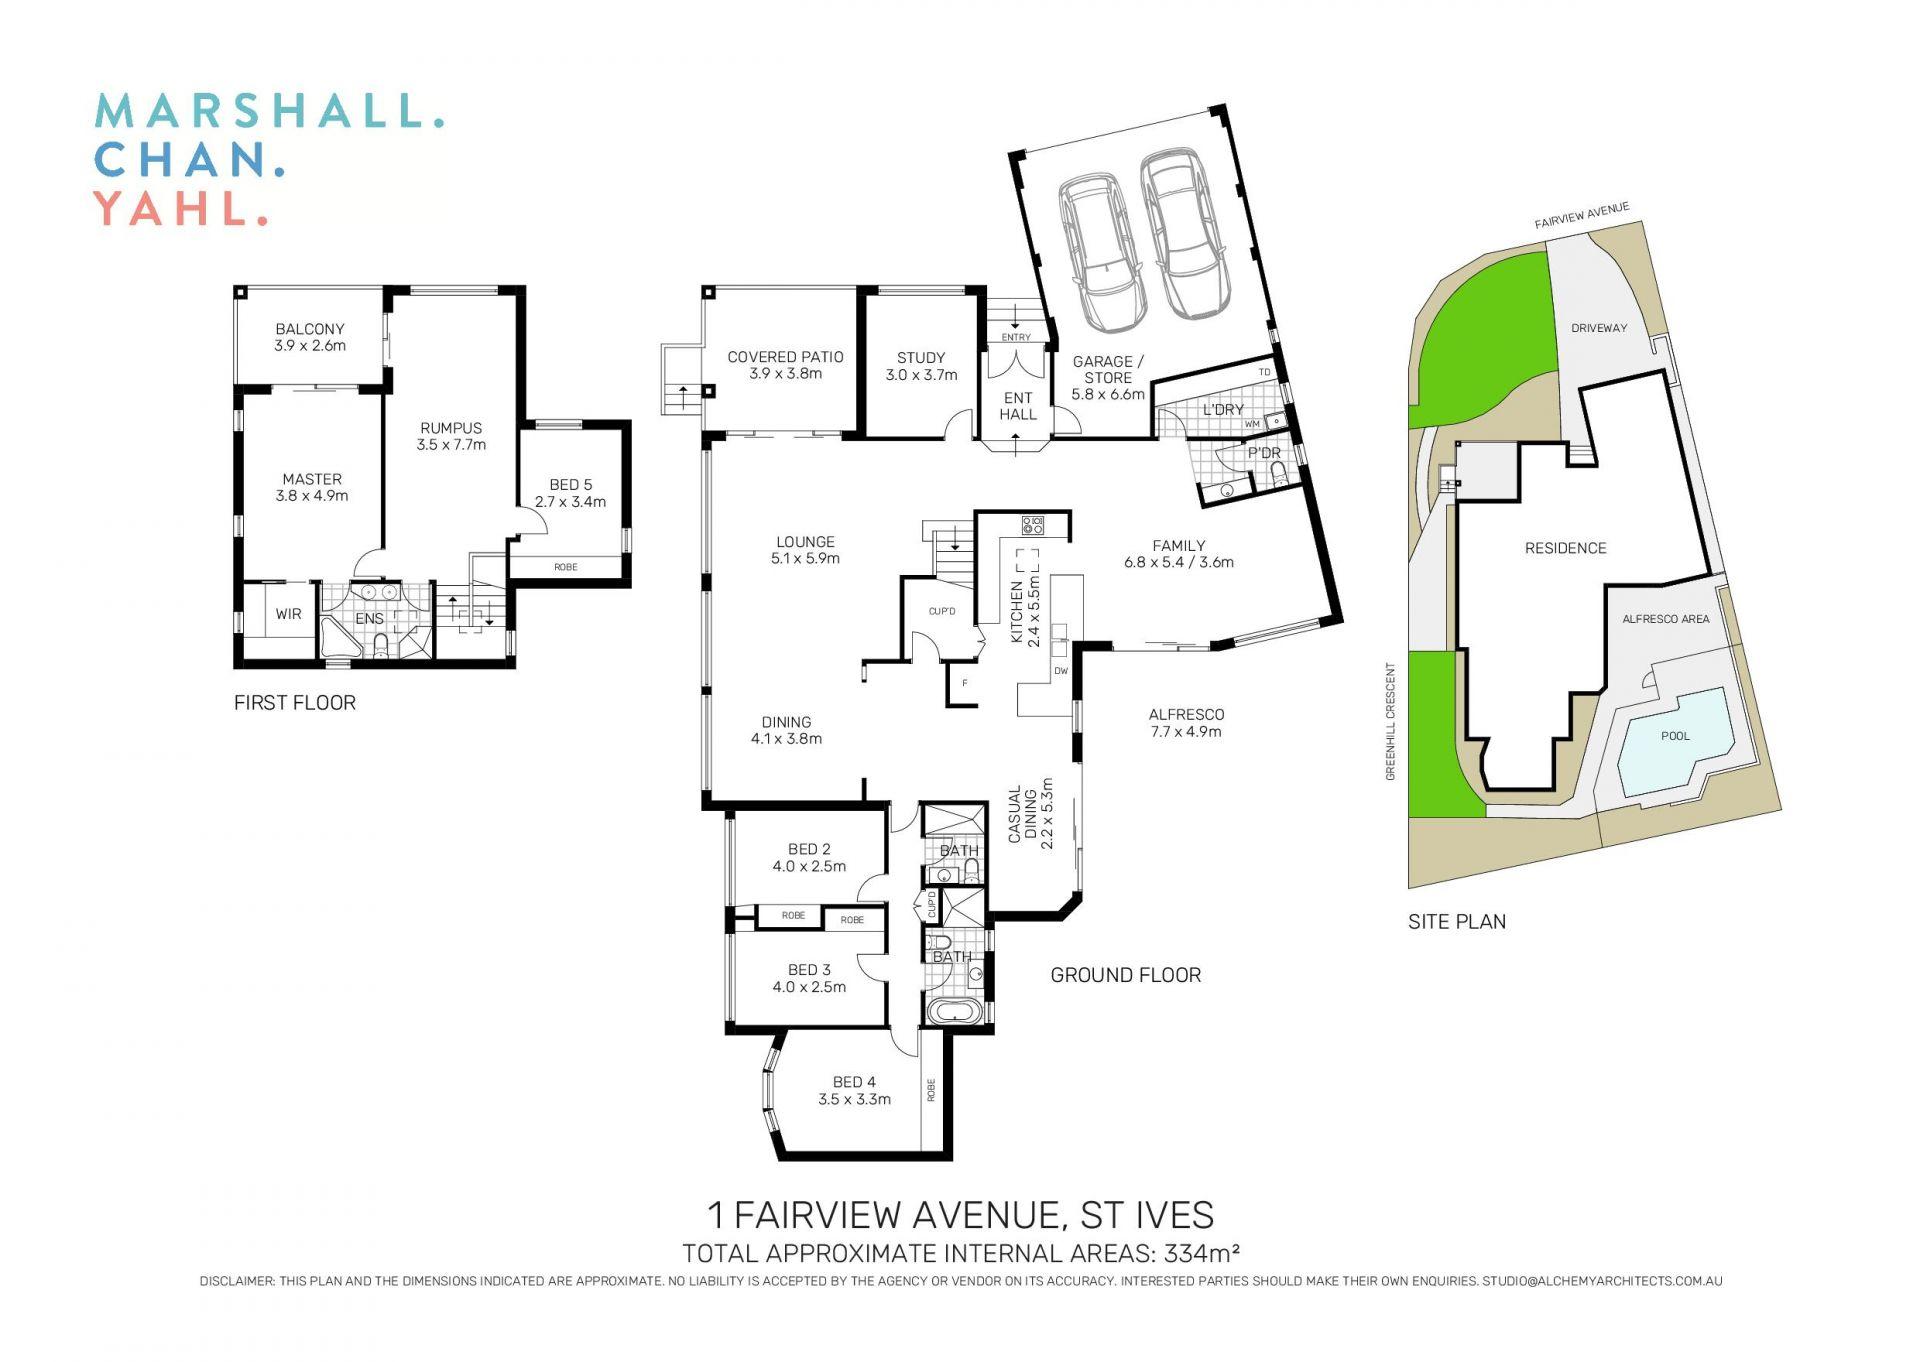 1 Fairview Avenue St Ives 2075